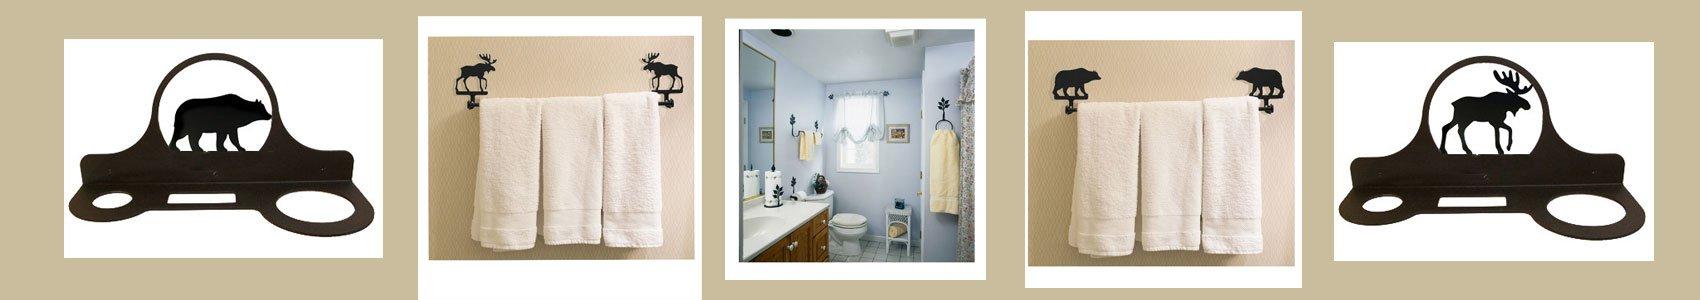 cabin-bath-decor